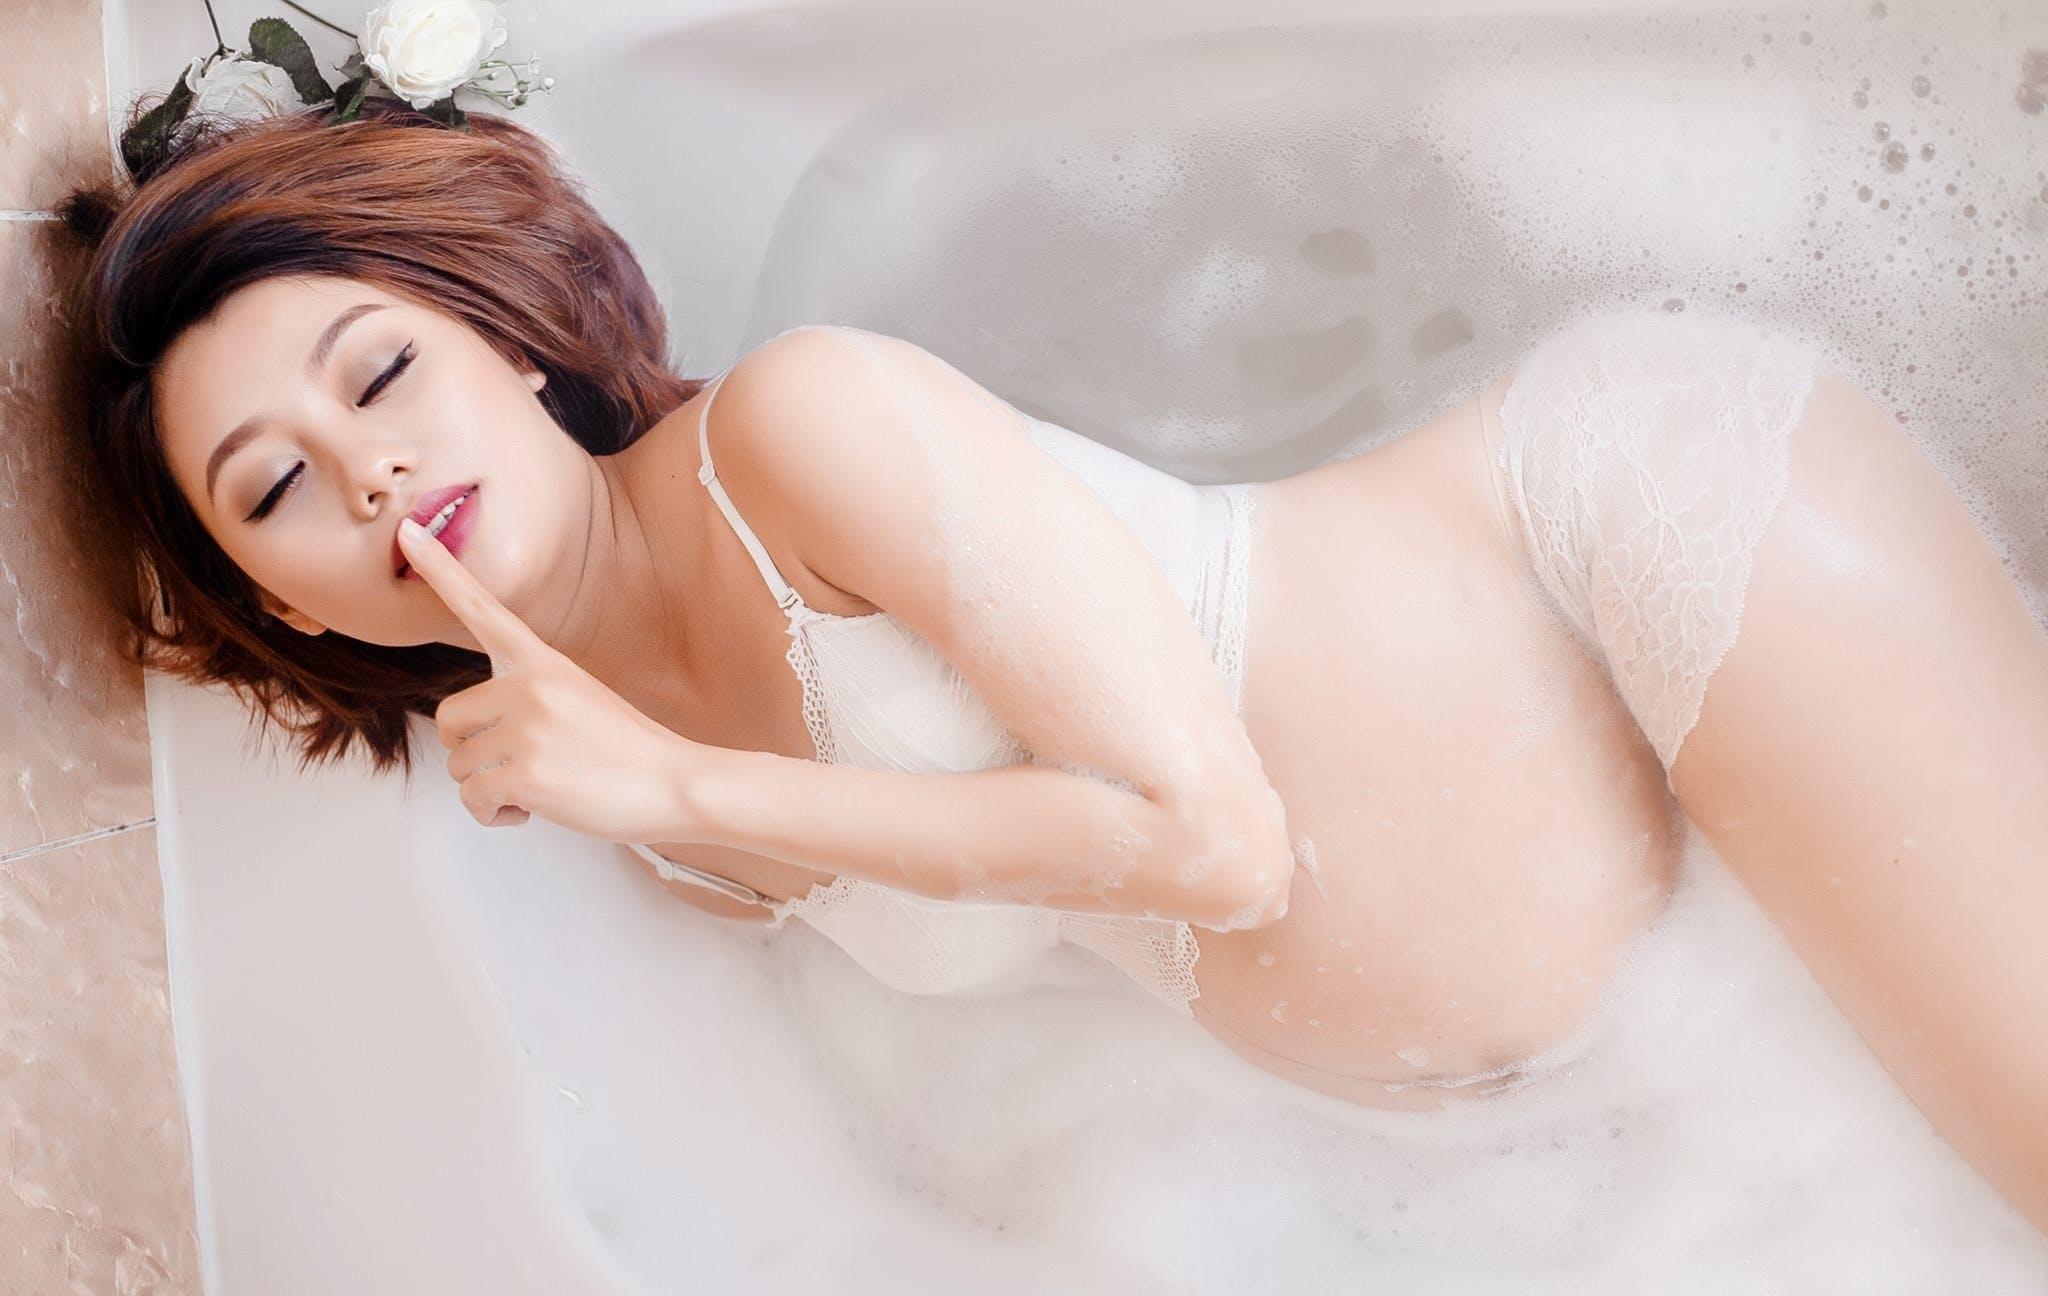 Pregnant Woman Lying on Bathtub